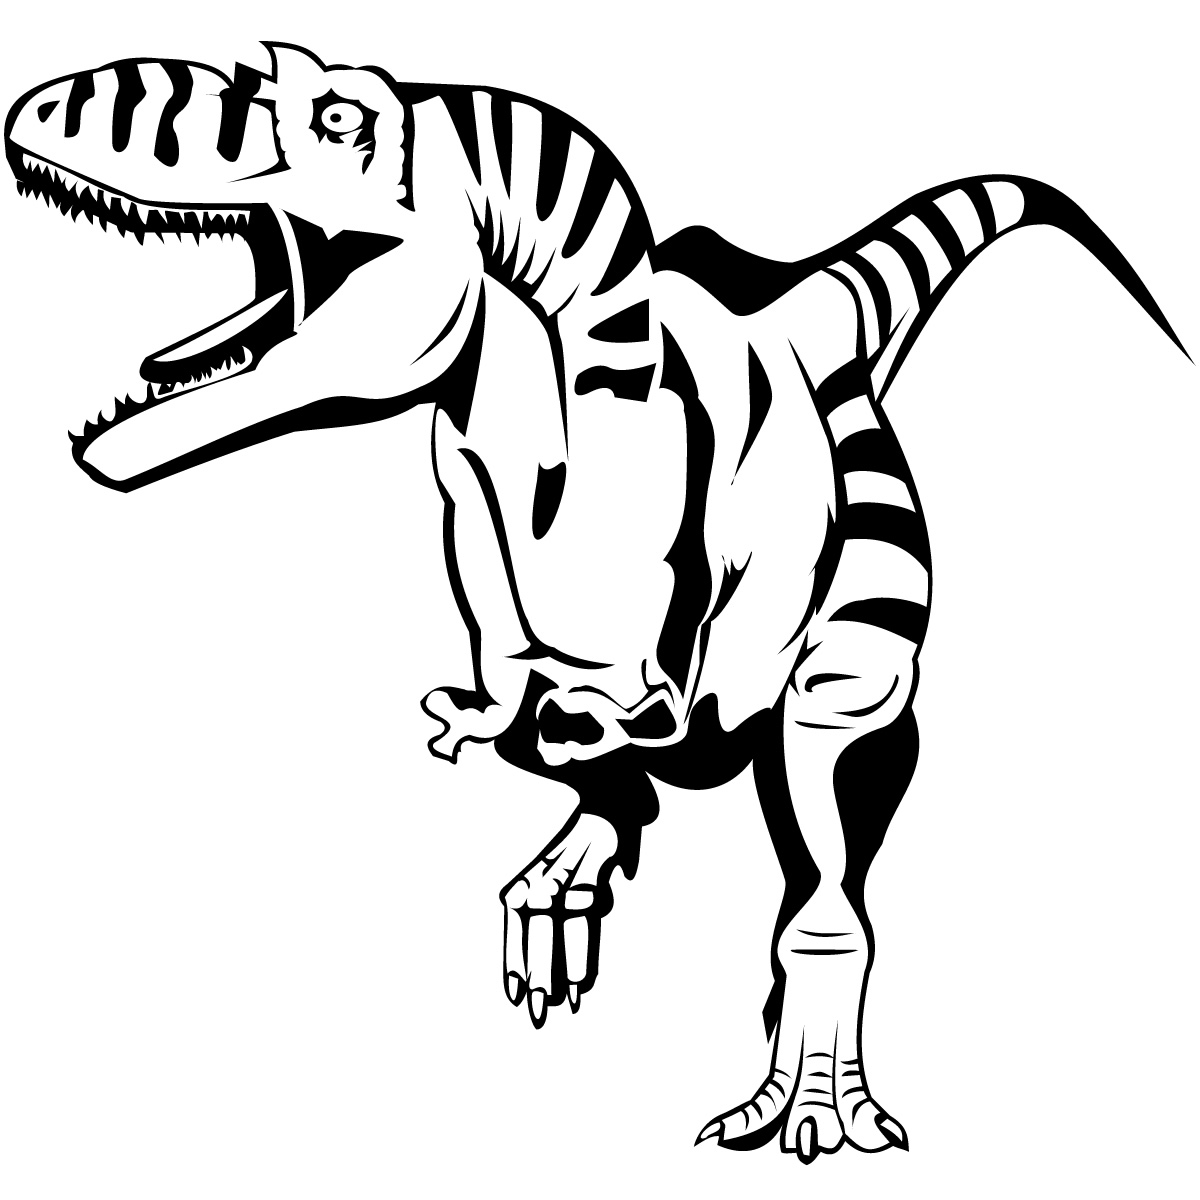 Open Mouth T Rex Dinosaurs Wall Art Sticker Wall Decal